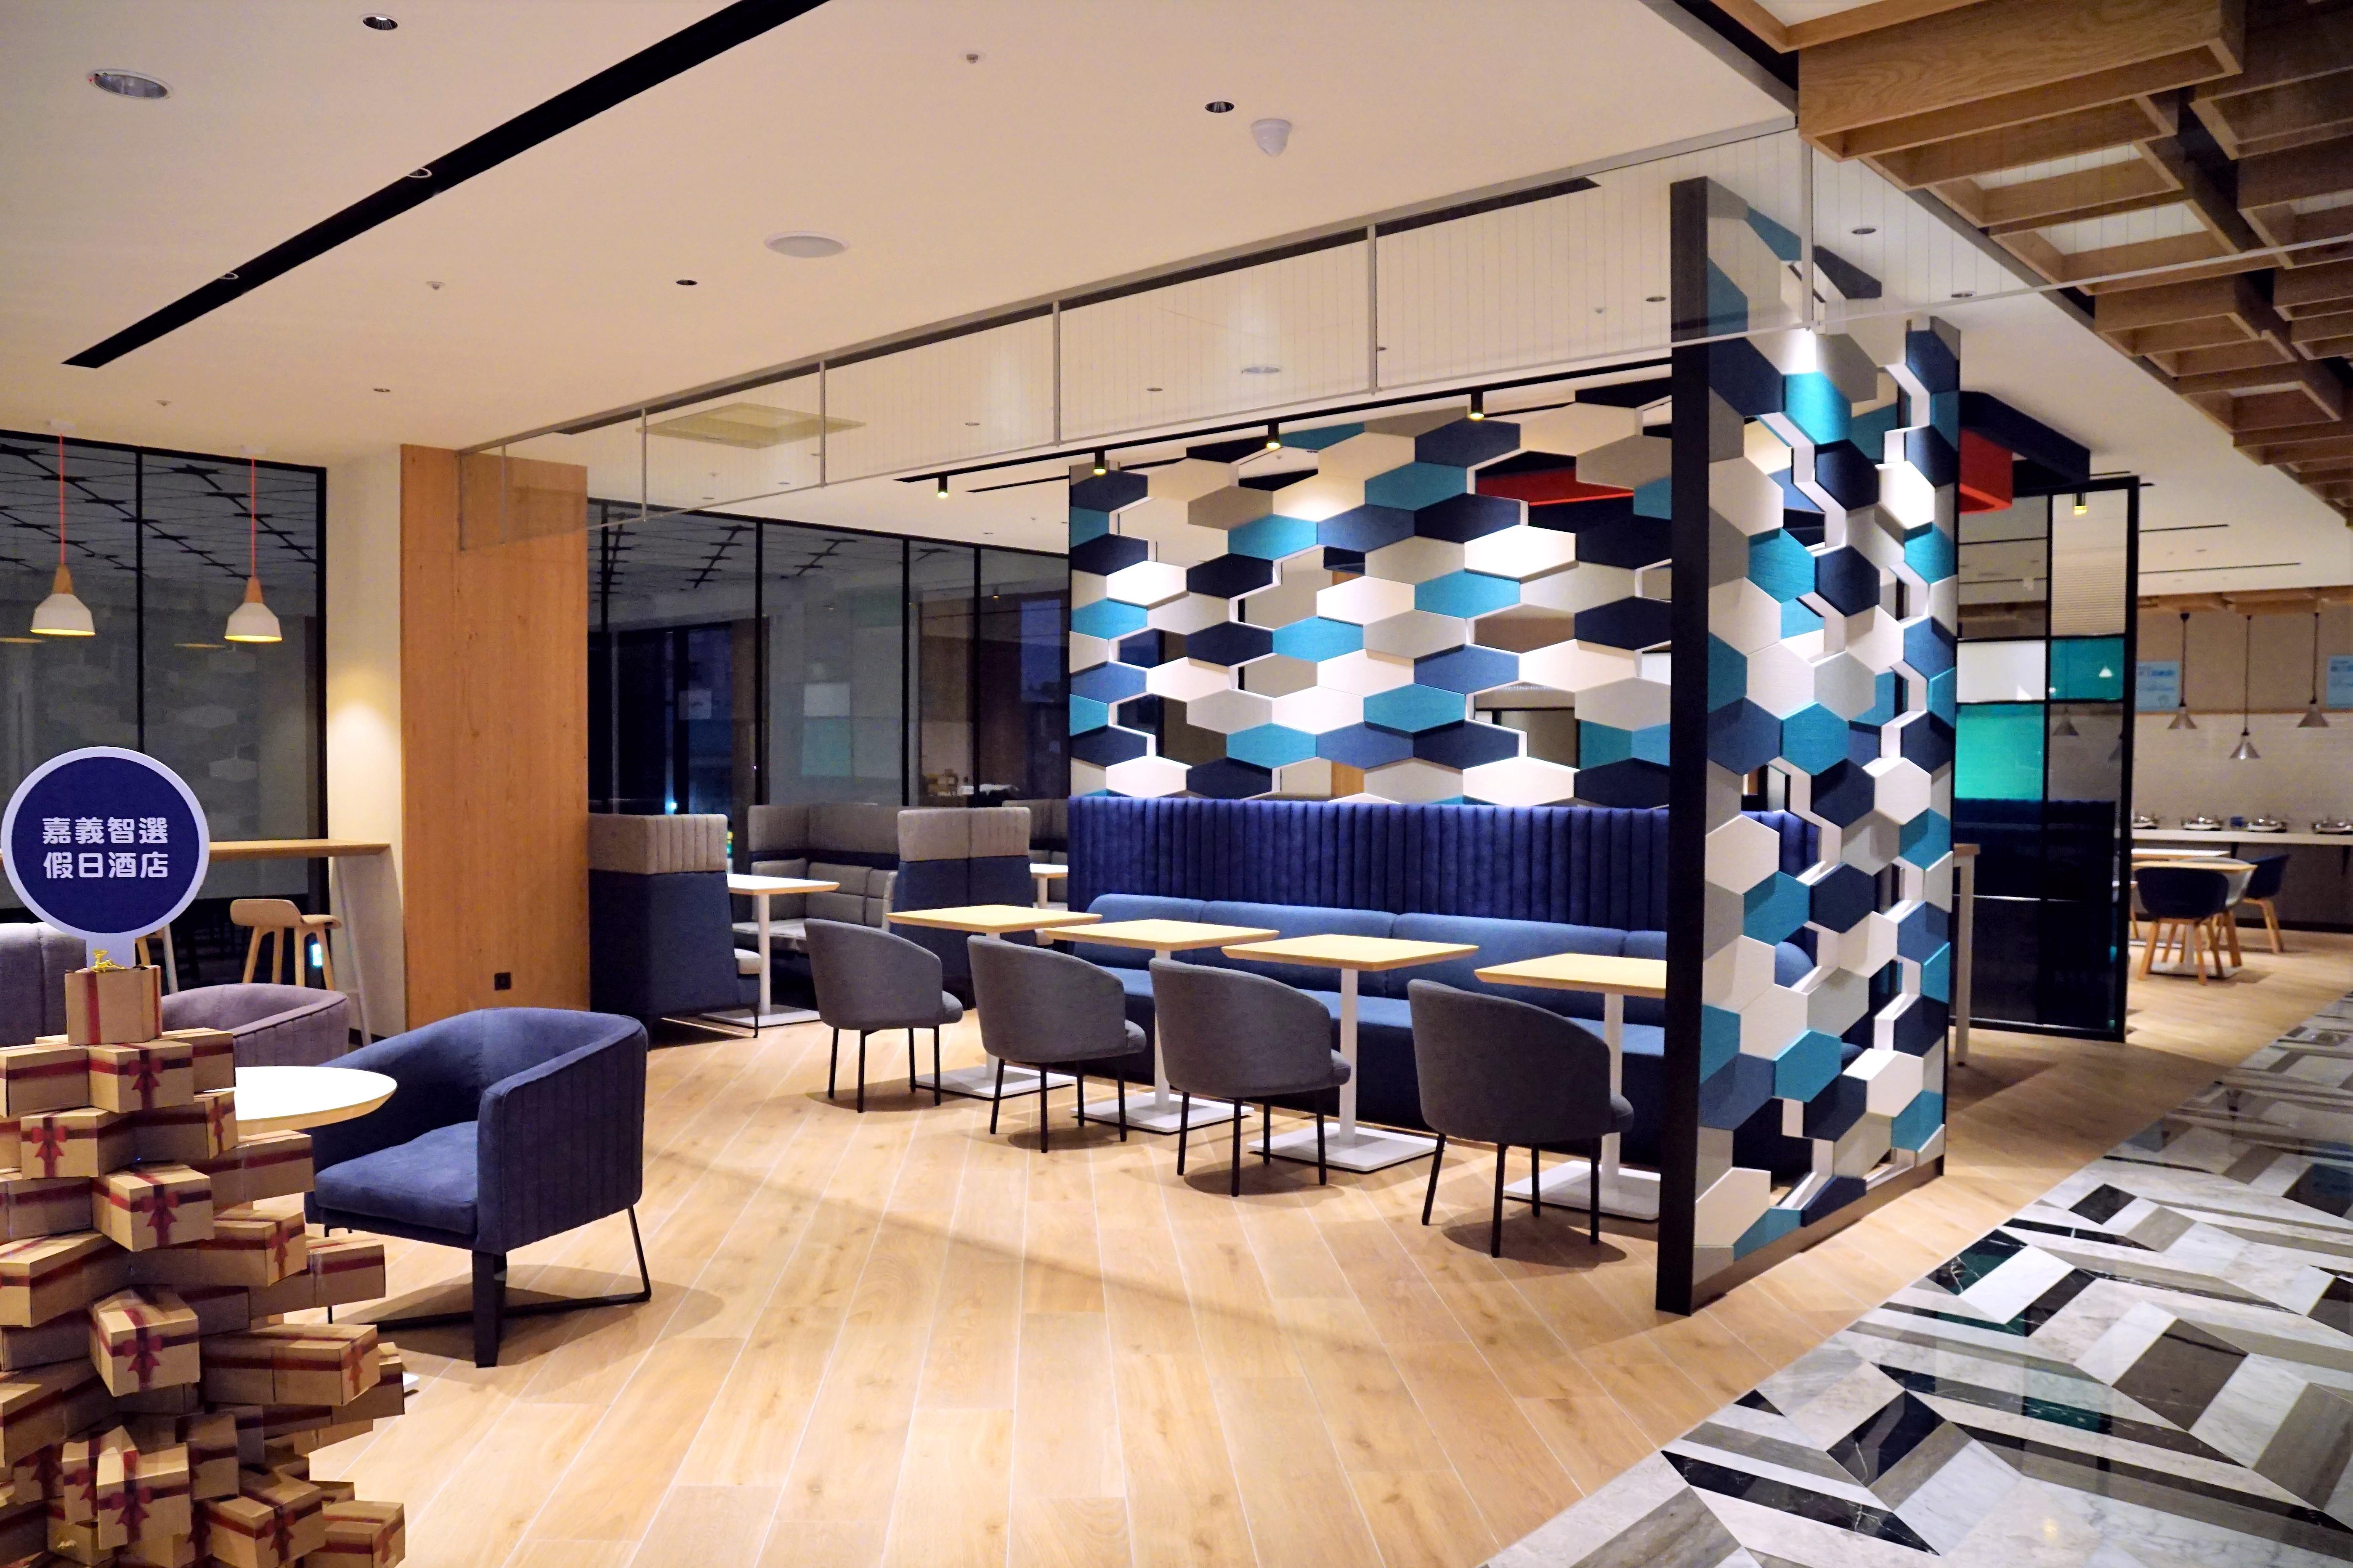 最新推播訊息:第一家國際連鎖飯店進駐嘉義。阿里山腳下的席夢思名床